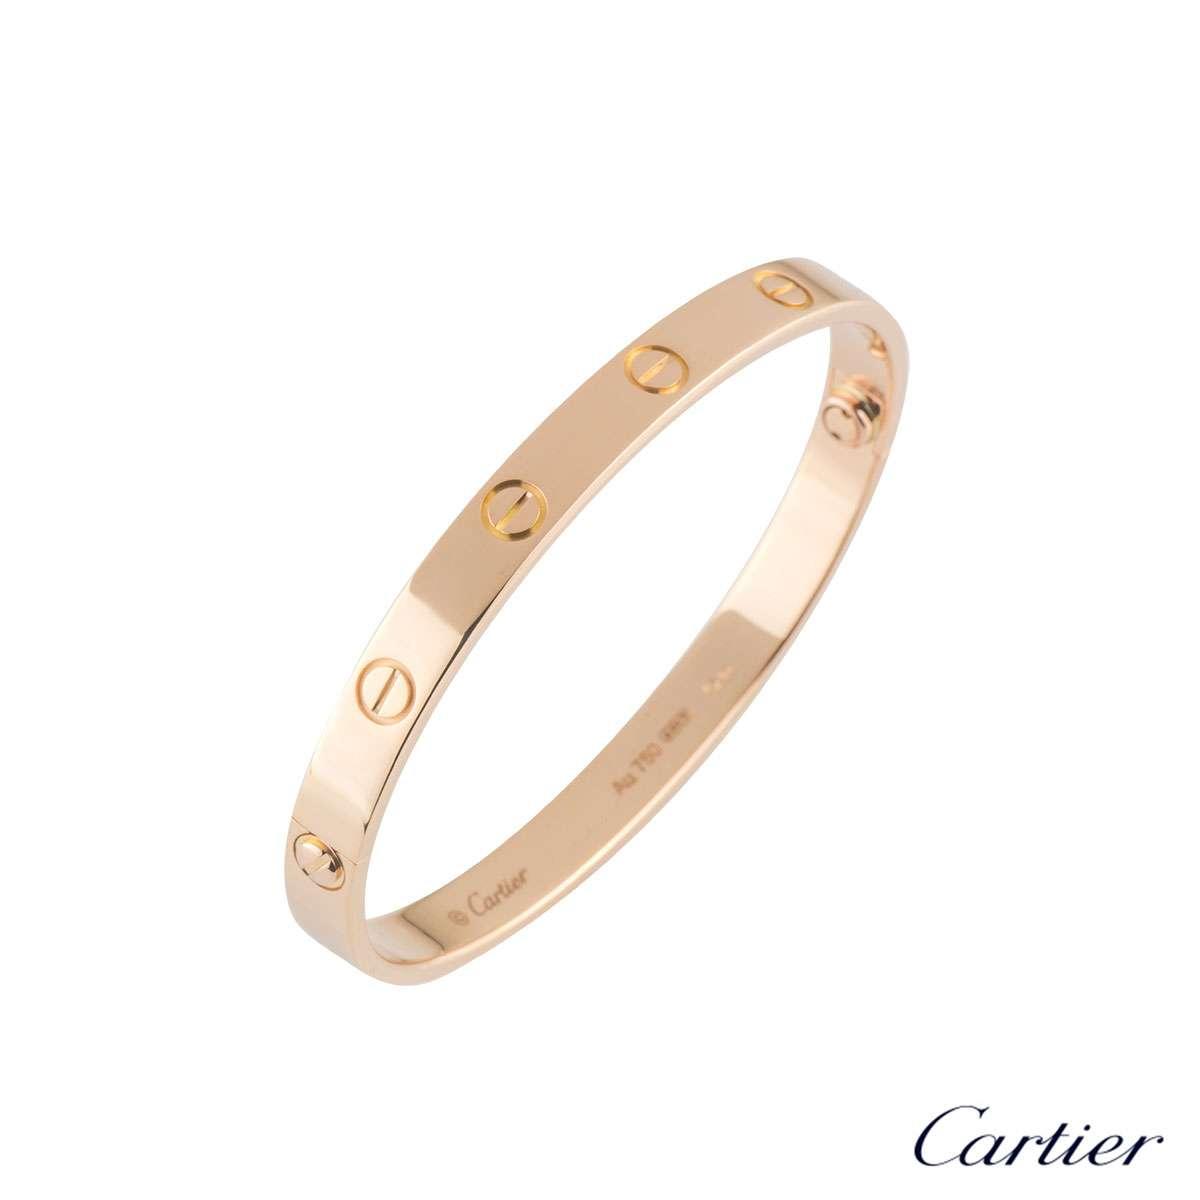 Cartier Rose Gold Plain Love Bracelet Size 21 B6035621